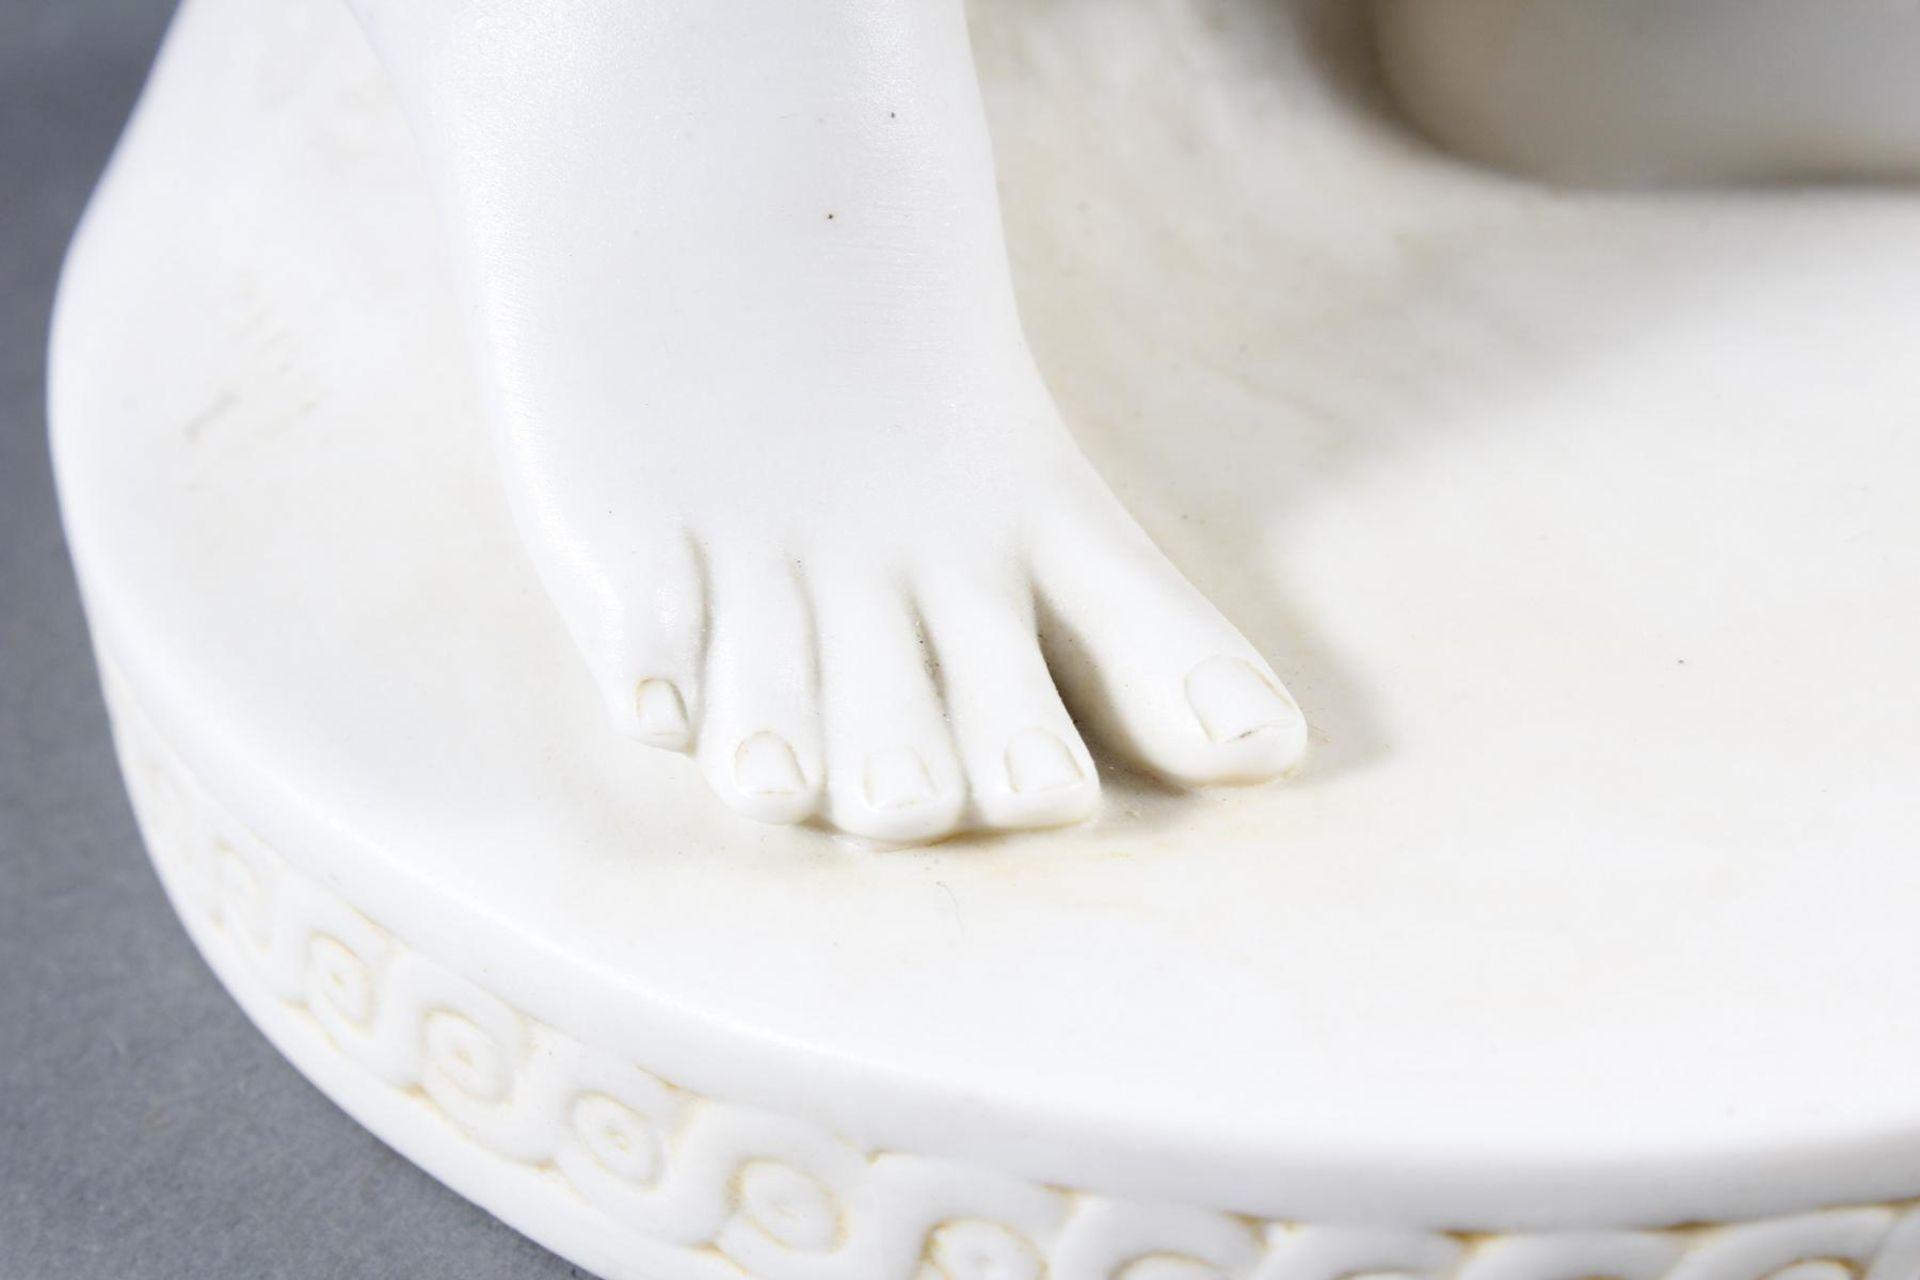 Porzellanskulptur, Kugelspielerin, Scheibe-Alsbach - Bild 13 aus 15